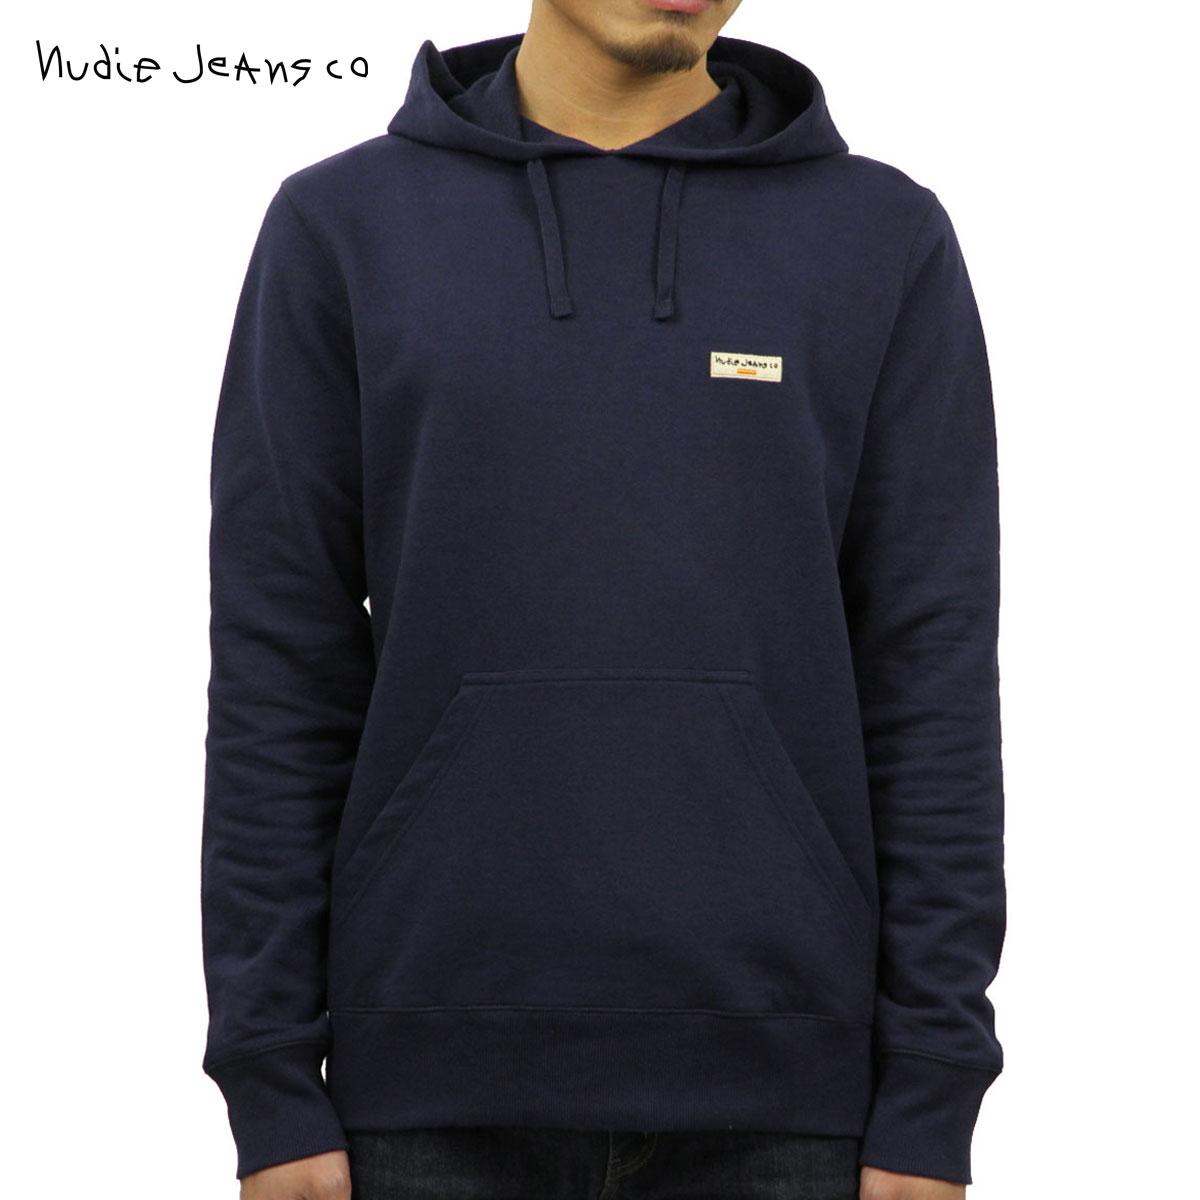 ヌーディージーンズ Nudie Jeans 正規販売店 メンズ プルオーバーパーカー EMMET LOGO HOODIE MIDNIGHT 150382